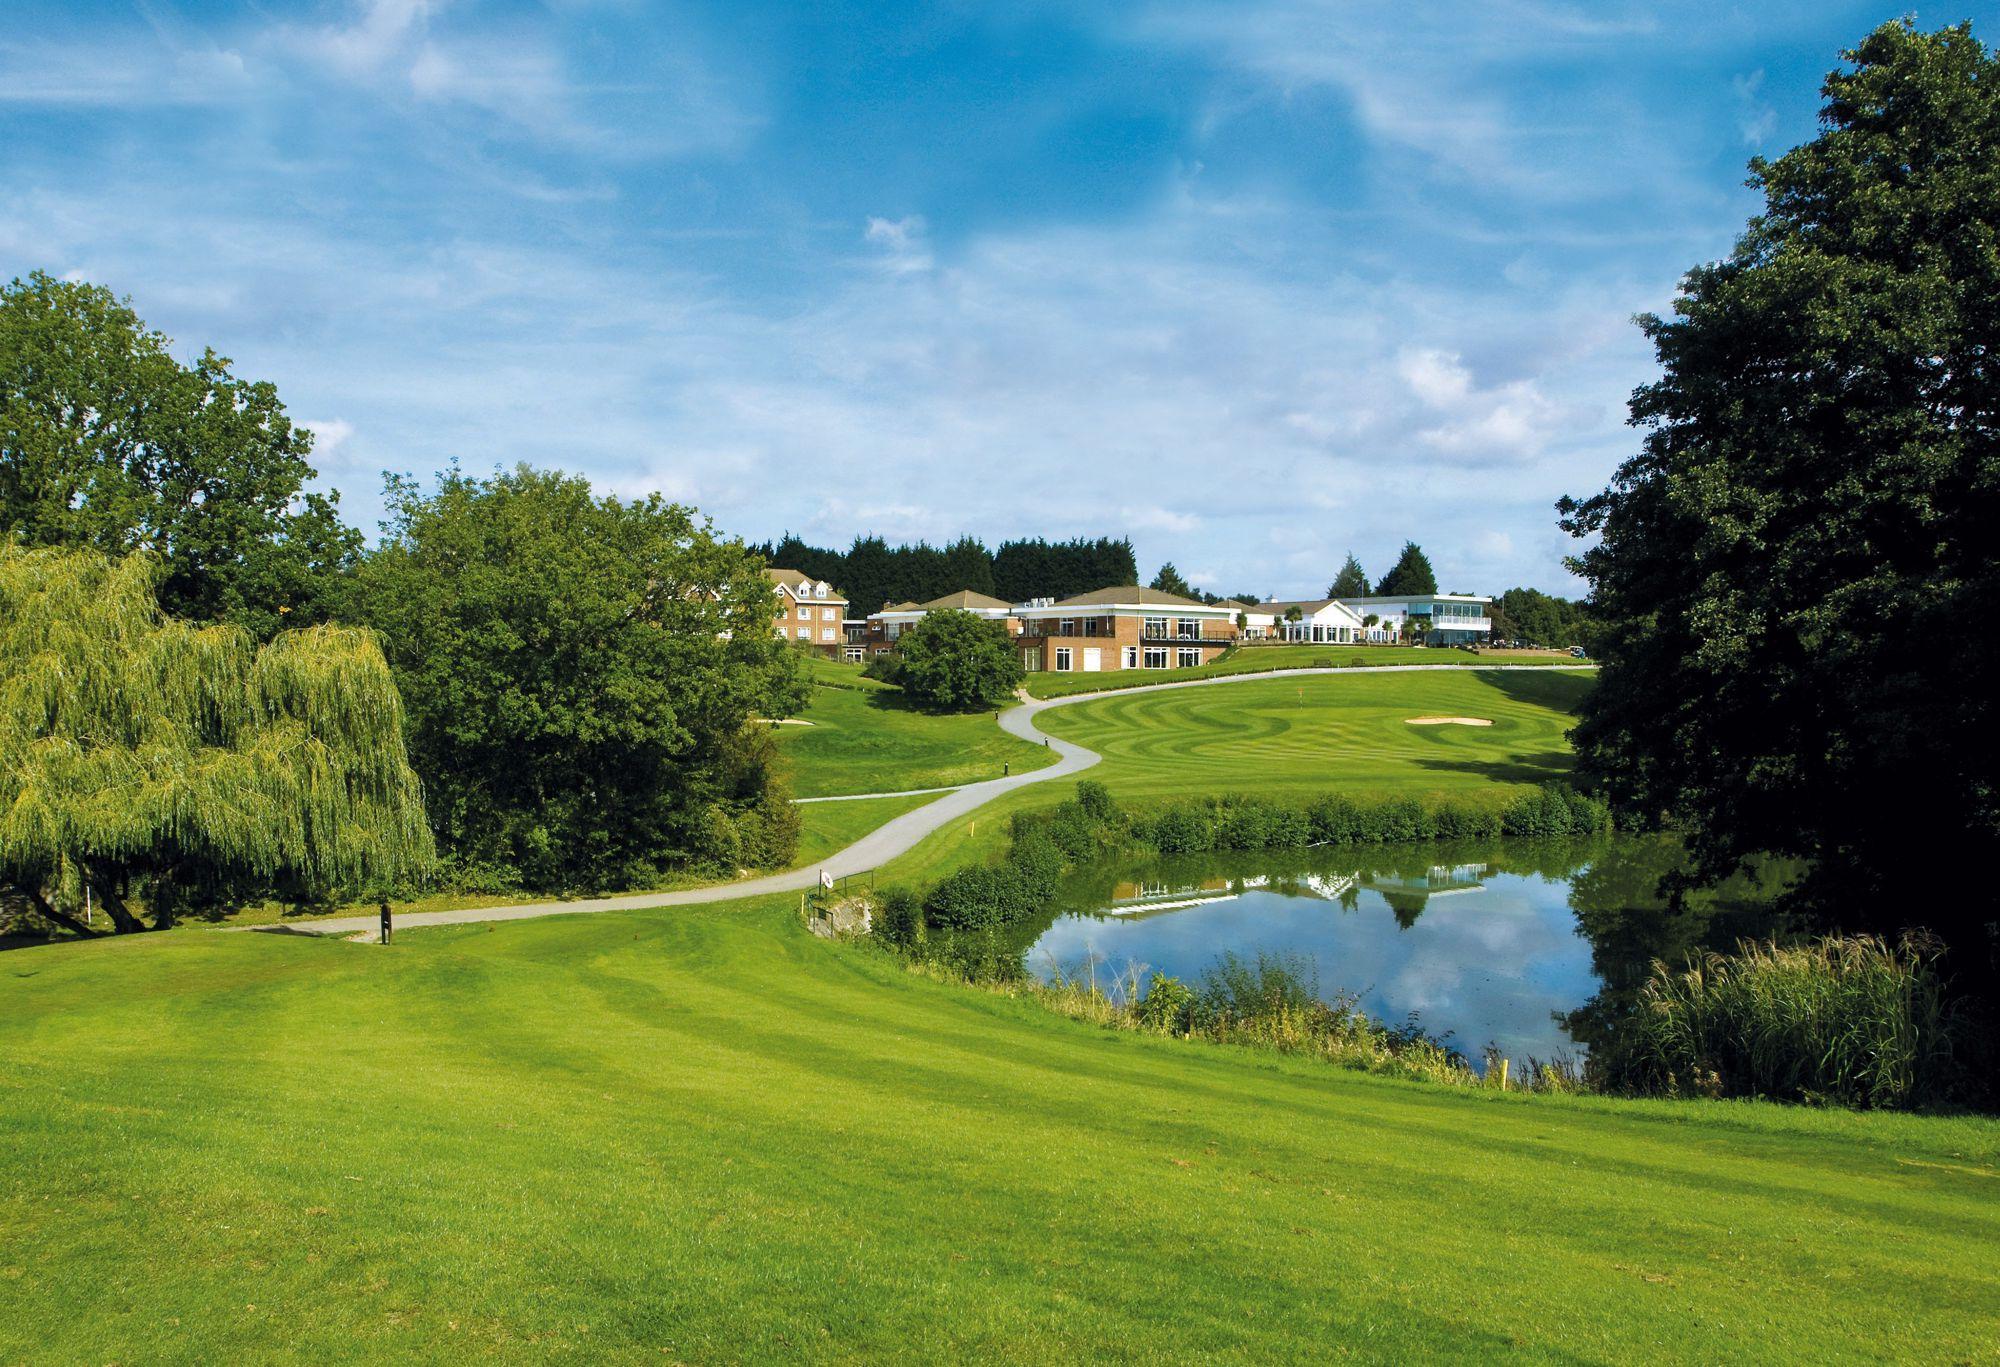 Stoke by Nayland Hotel, Spa & Golf